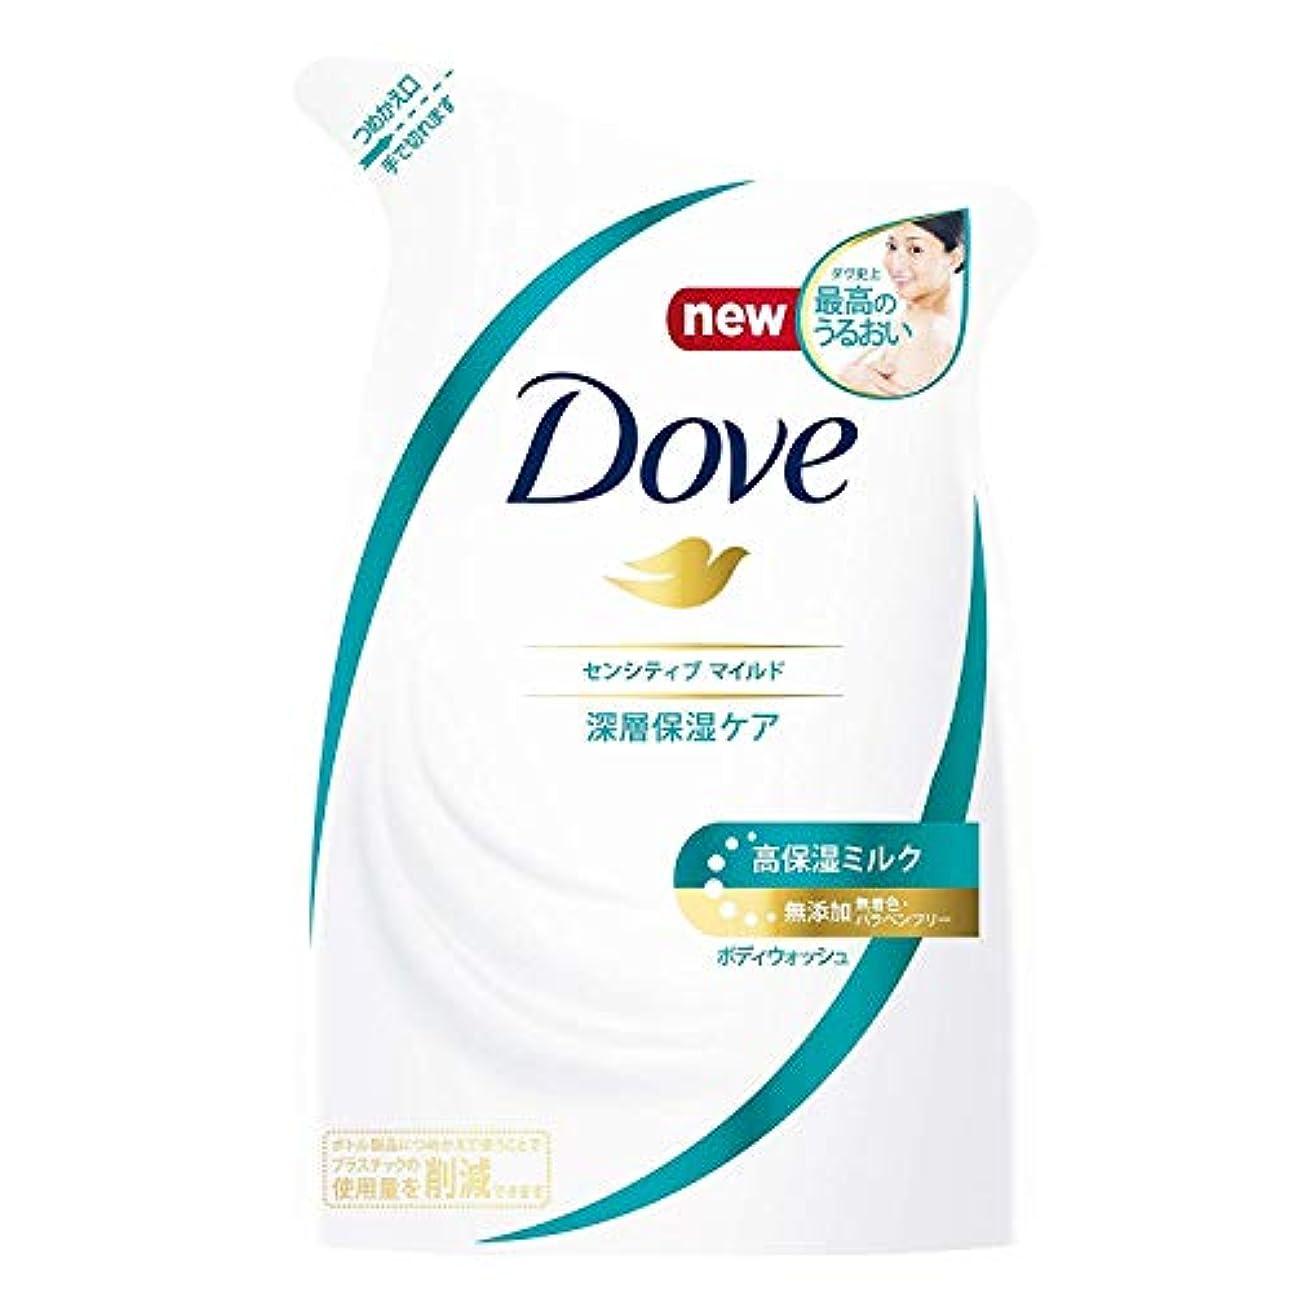 仕方間違い文化Dove ダヴ ボディウォッシュ センシティブマイルド つめかえ用 360g × 12点